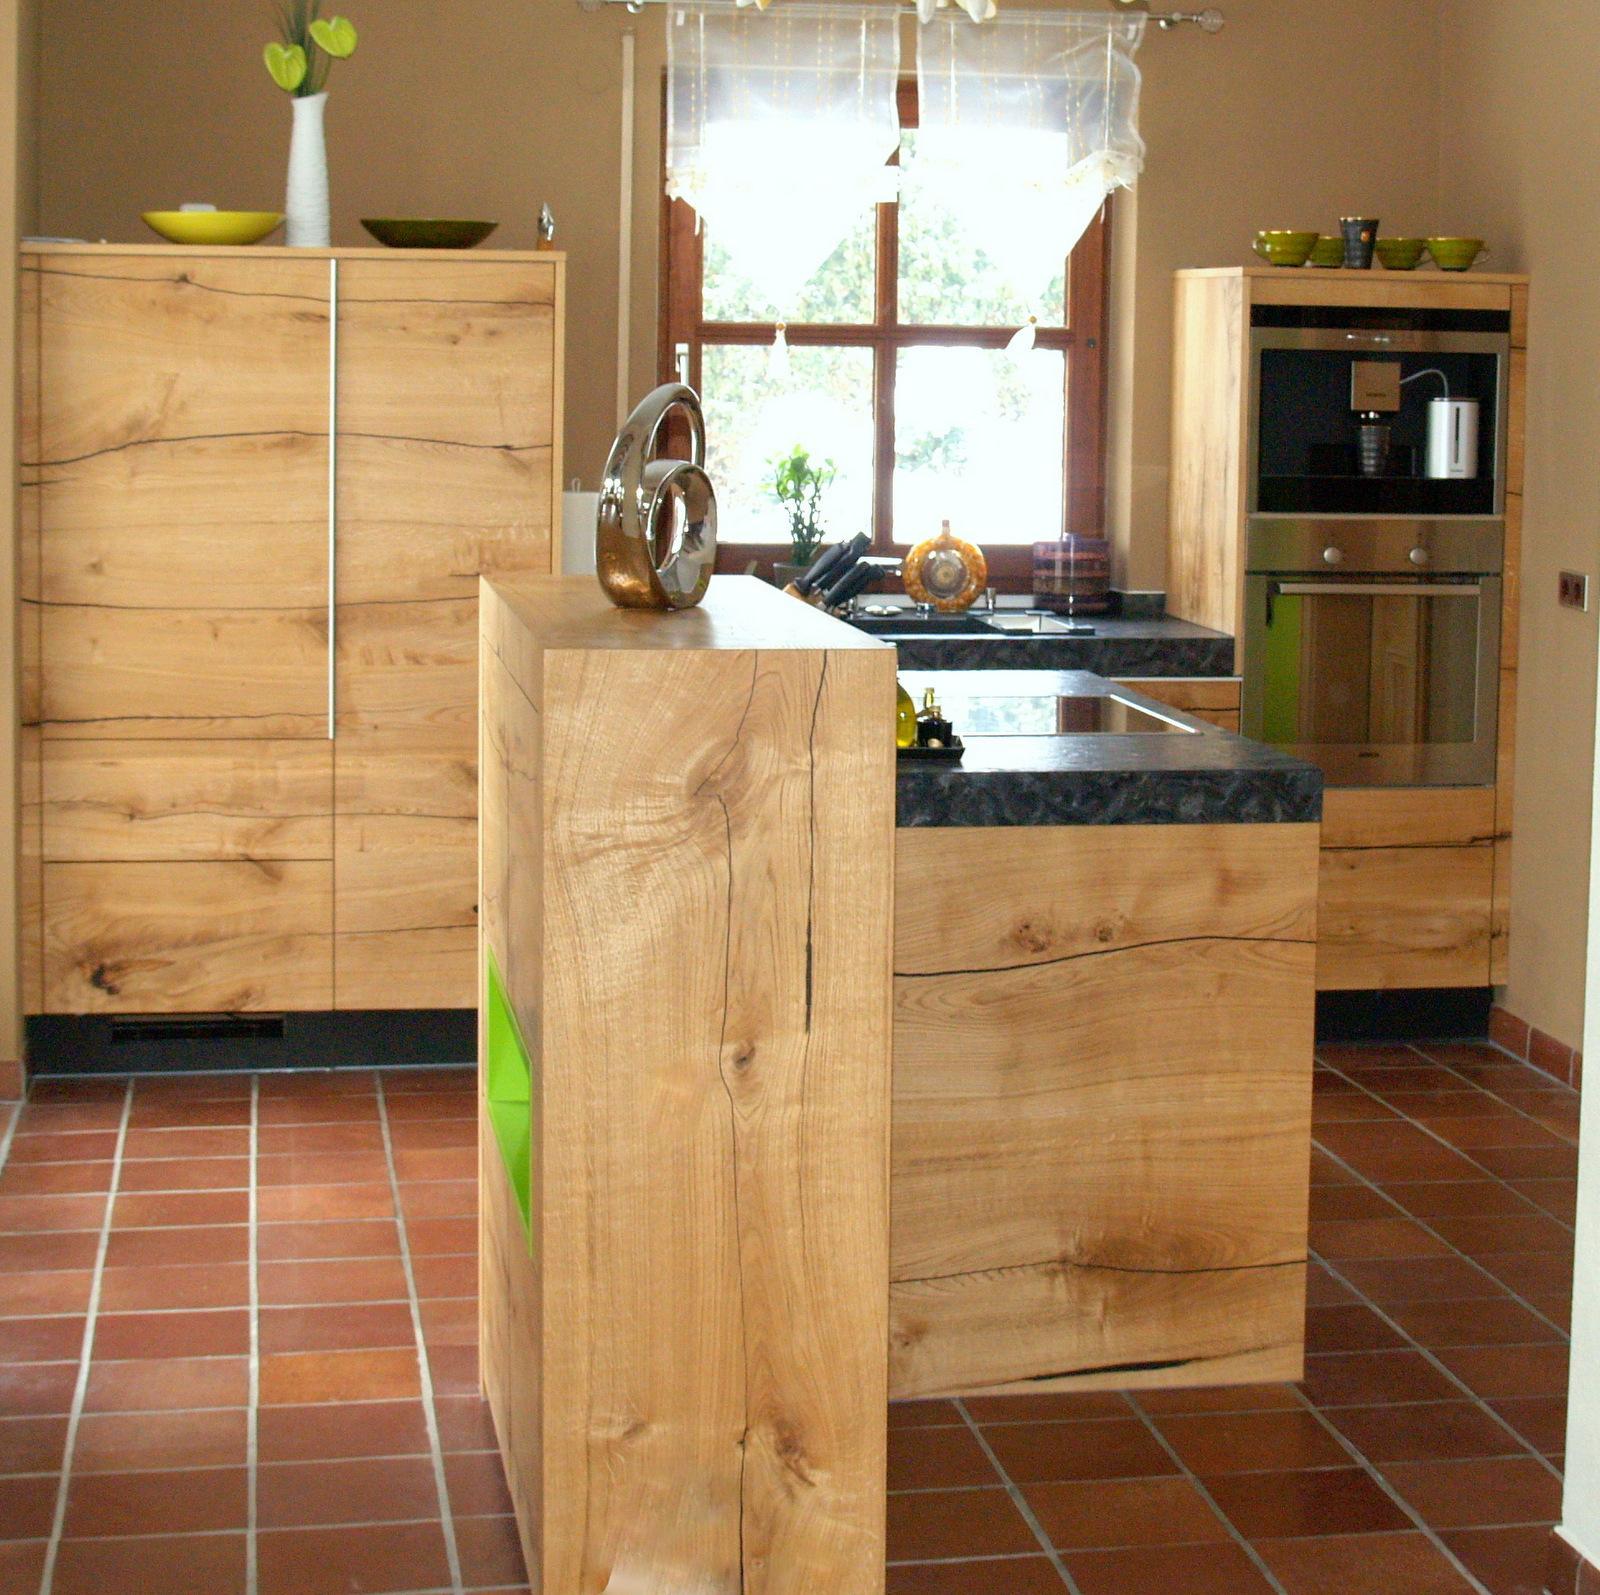 Full Size of Küche Klapptisch Kuchen Holz Caseconradcom Vorratsdosen Hängeregal Scheibengardinen Zusammenstellen Ikea Miniküche Schwingtür Landhaus Weiße Sideboard Wohnzimmer Küche Klapptisch